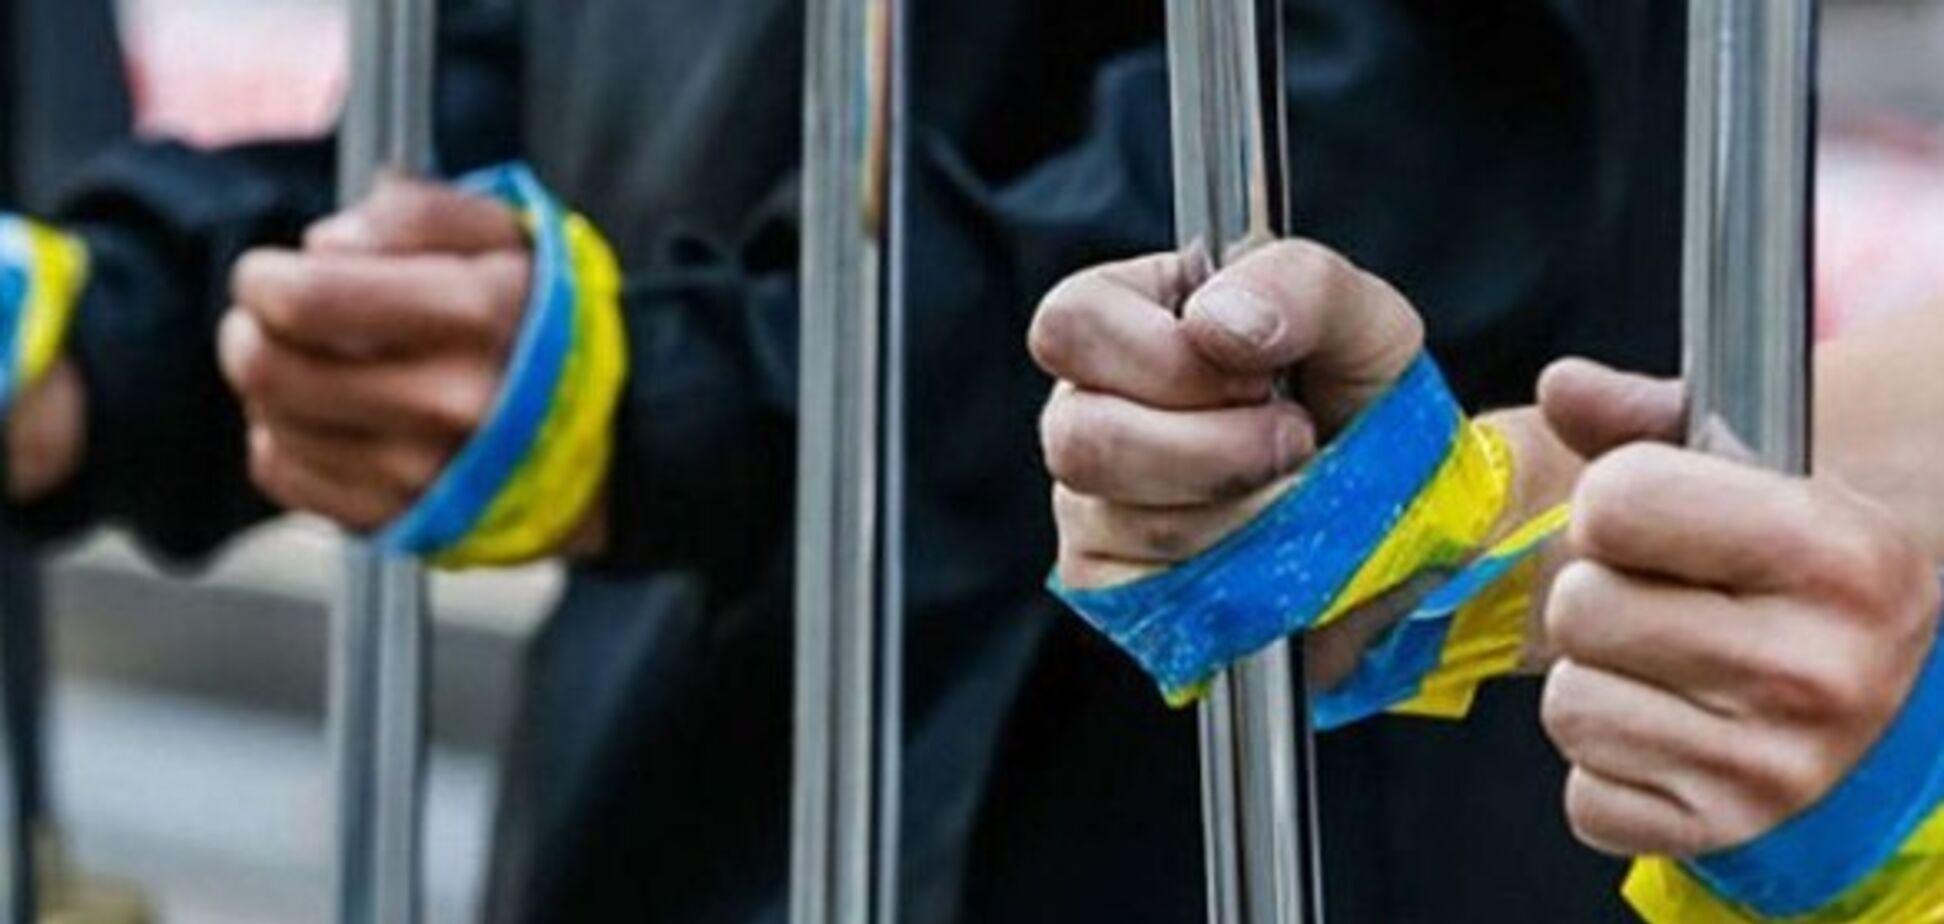 Большой обмен пленными между Украиной и Россией: всплыли неожиданные данные